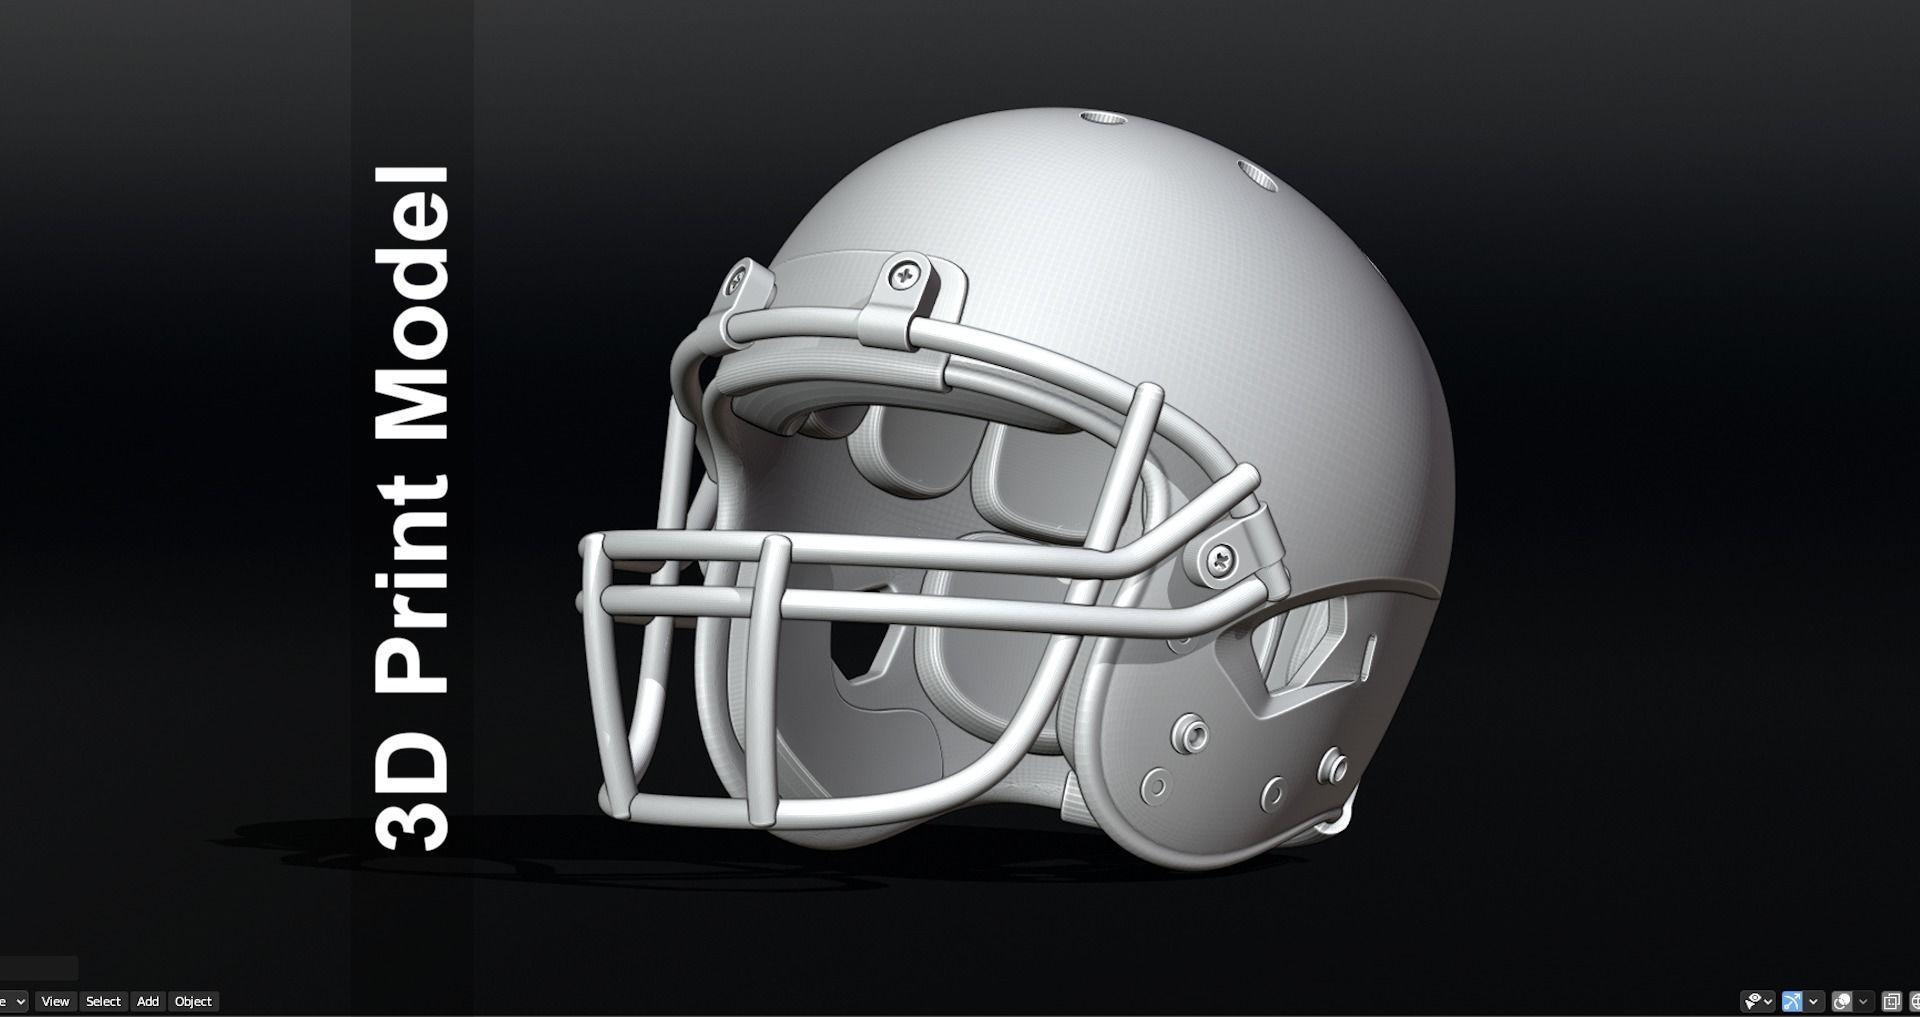 Contemporary Football Helmet